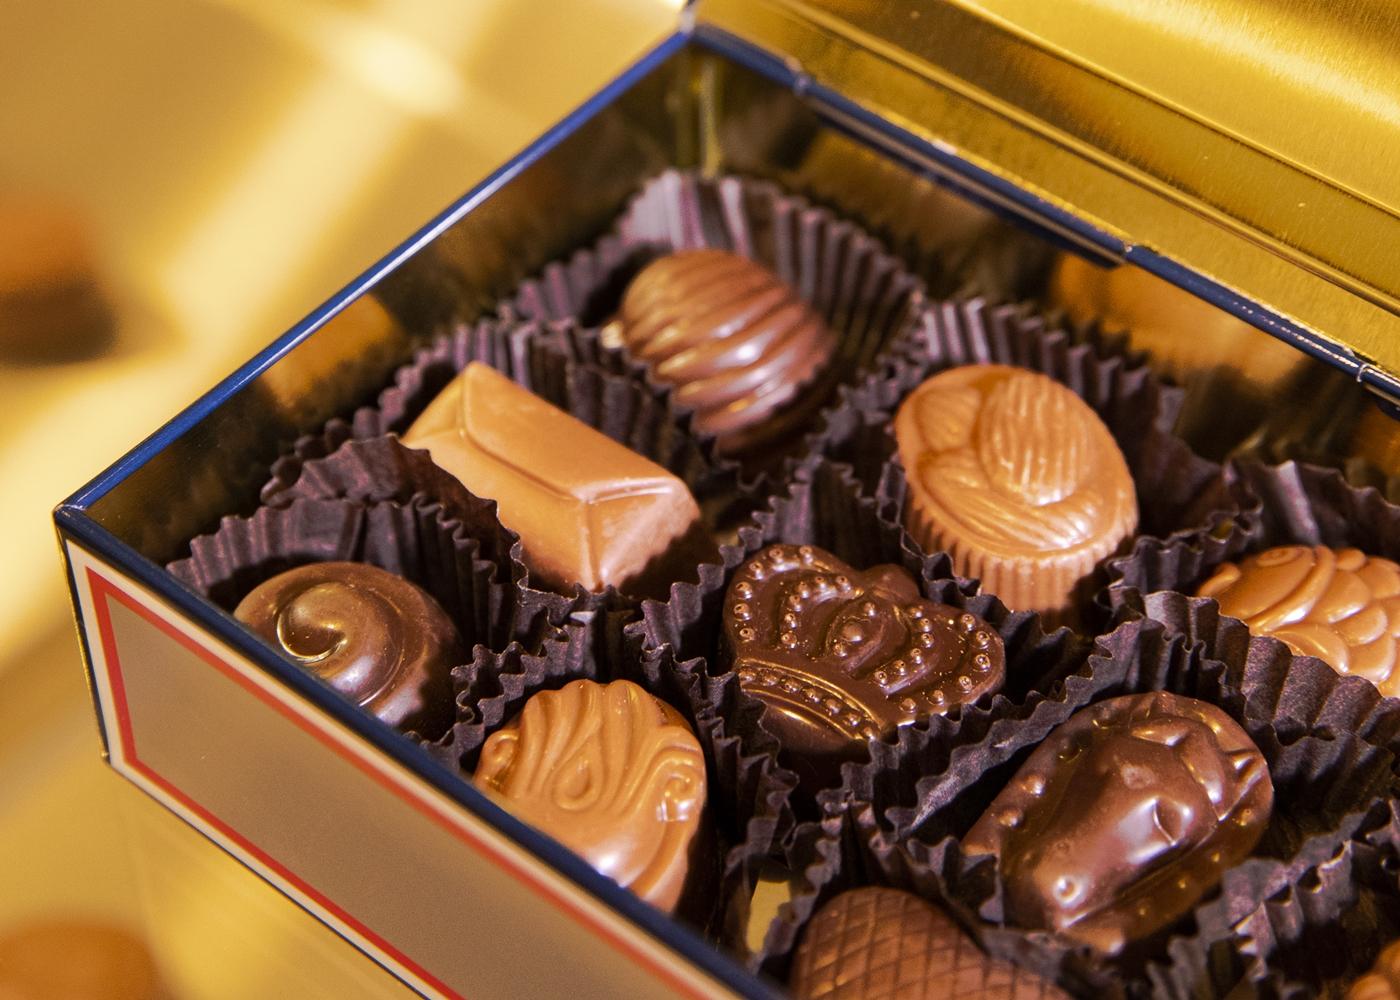 世界初!〈THOM BROWNE〉のチョコレートストアが大阪にオープン!